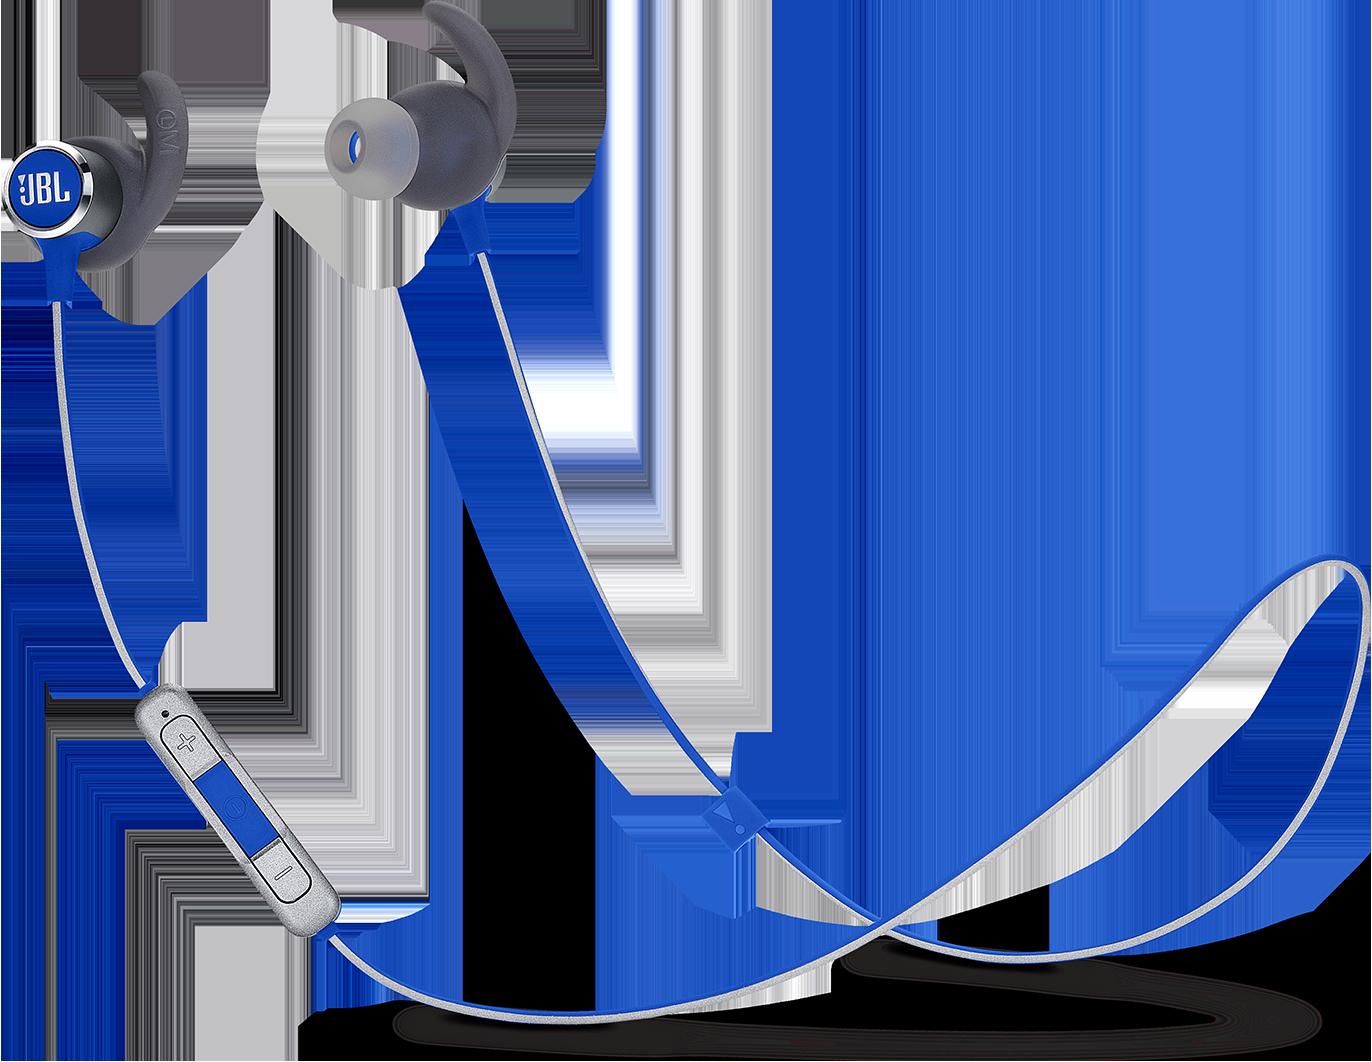 RE3MNUv?ver=a3d8 - JBL Reflect Mini 2 Wireless Sport Headphones